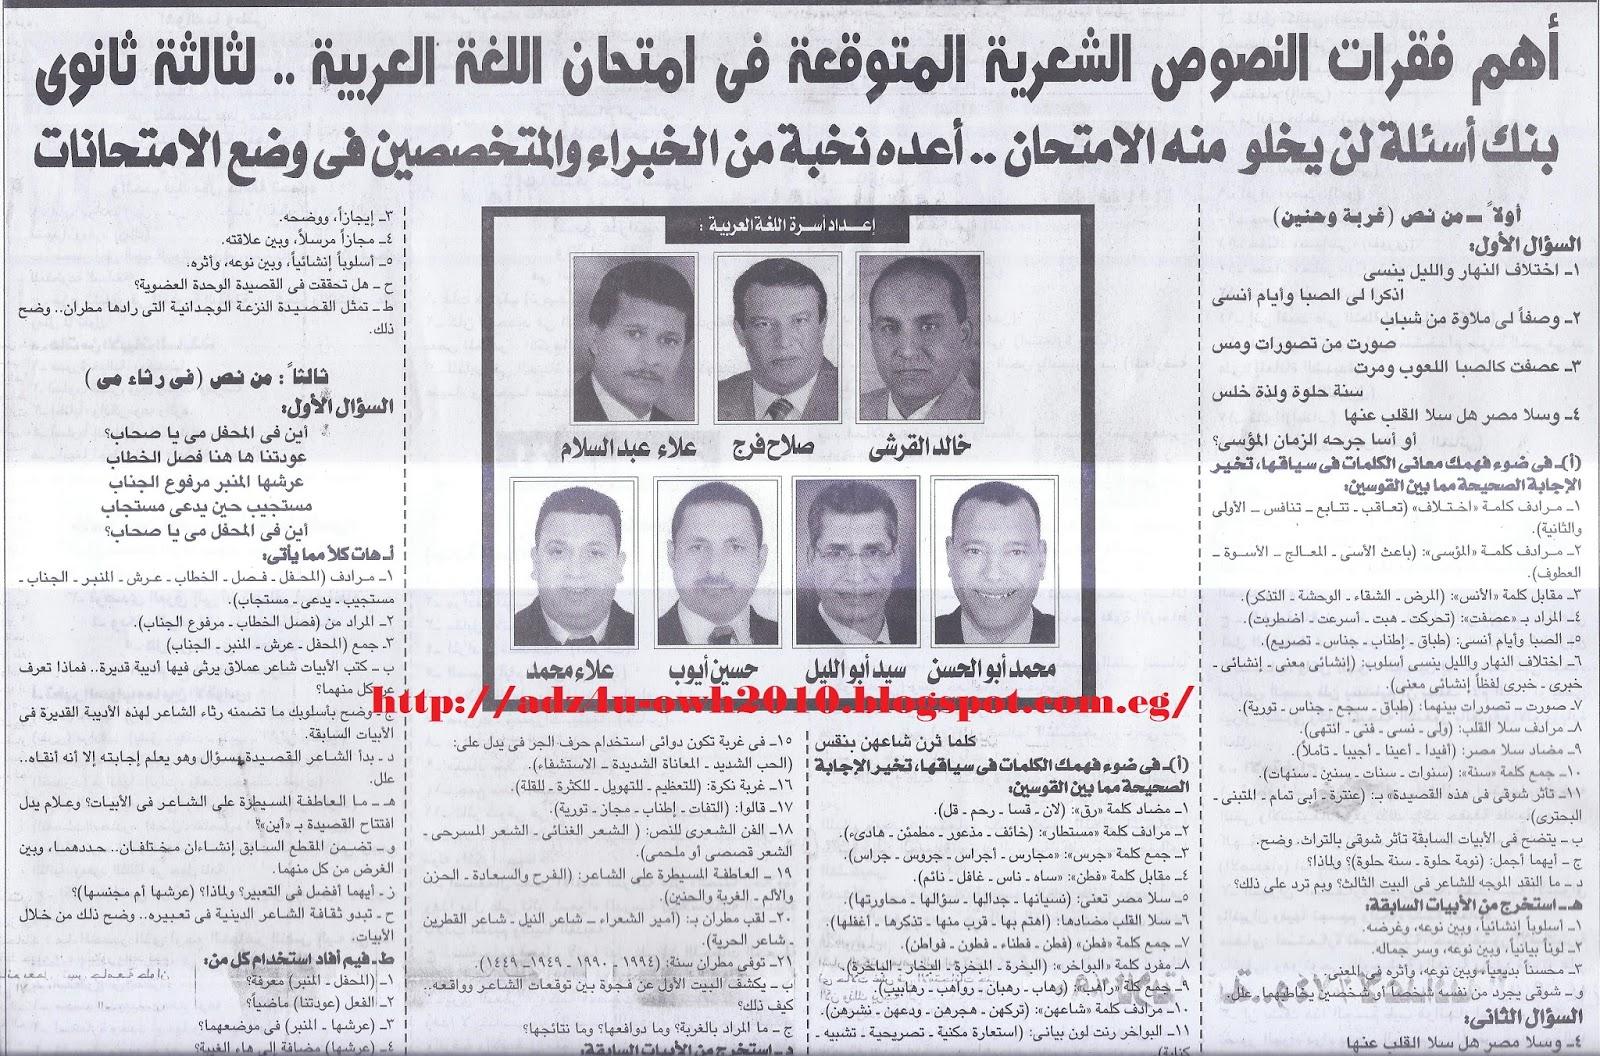 اهم توقعات النصوص للثانوية العامة.. ملحق الجمهورية التعليمي Scan0024